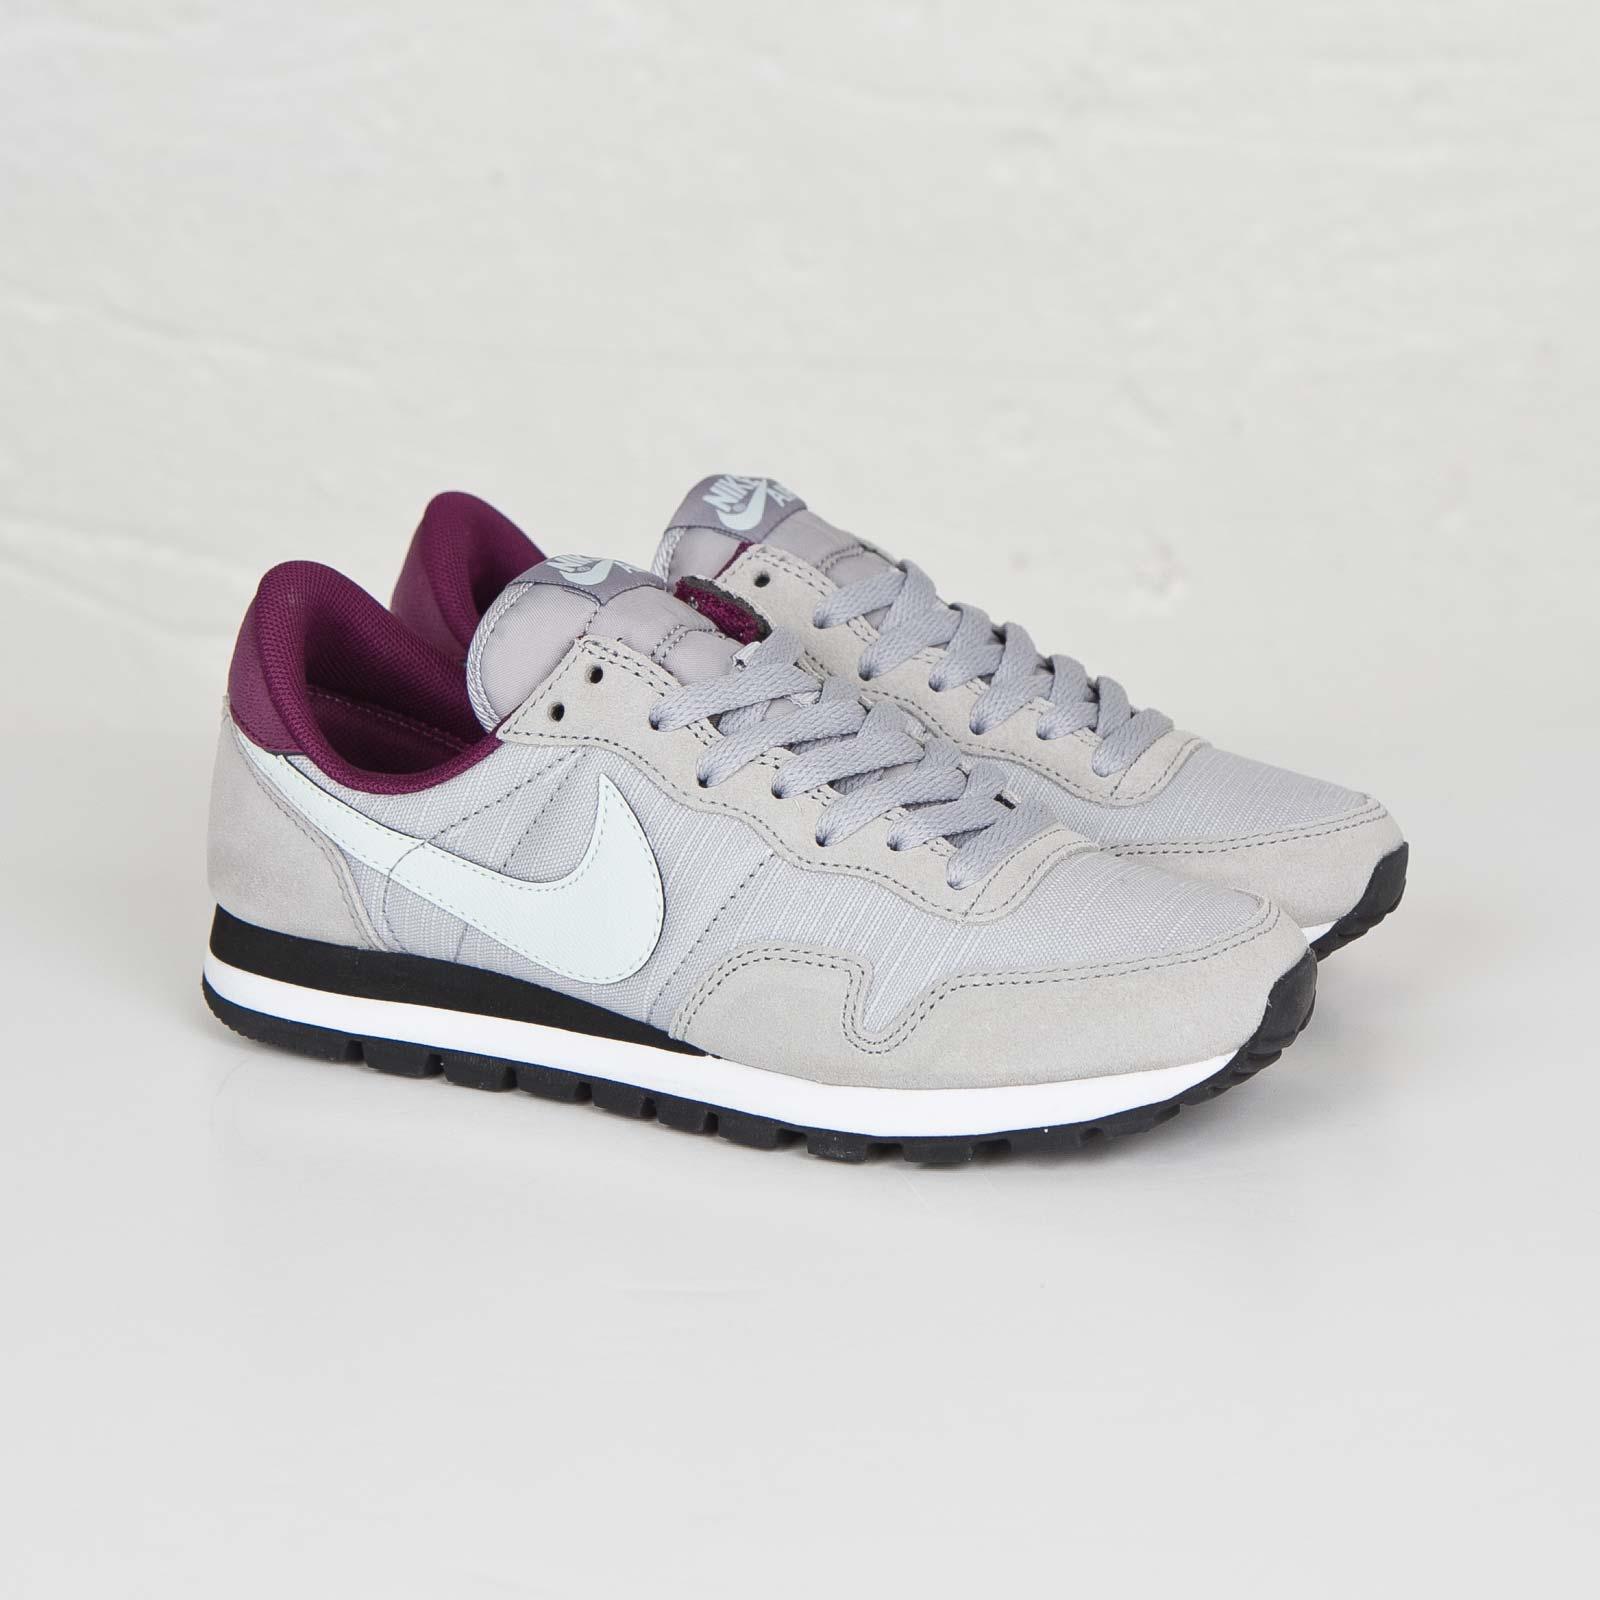 online store 05af5 c8d07 Nike Wmns Air Pegasus 83